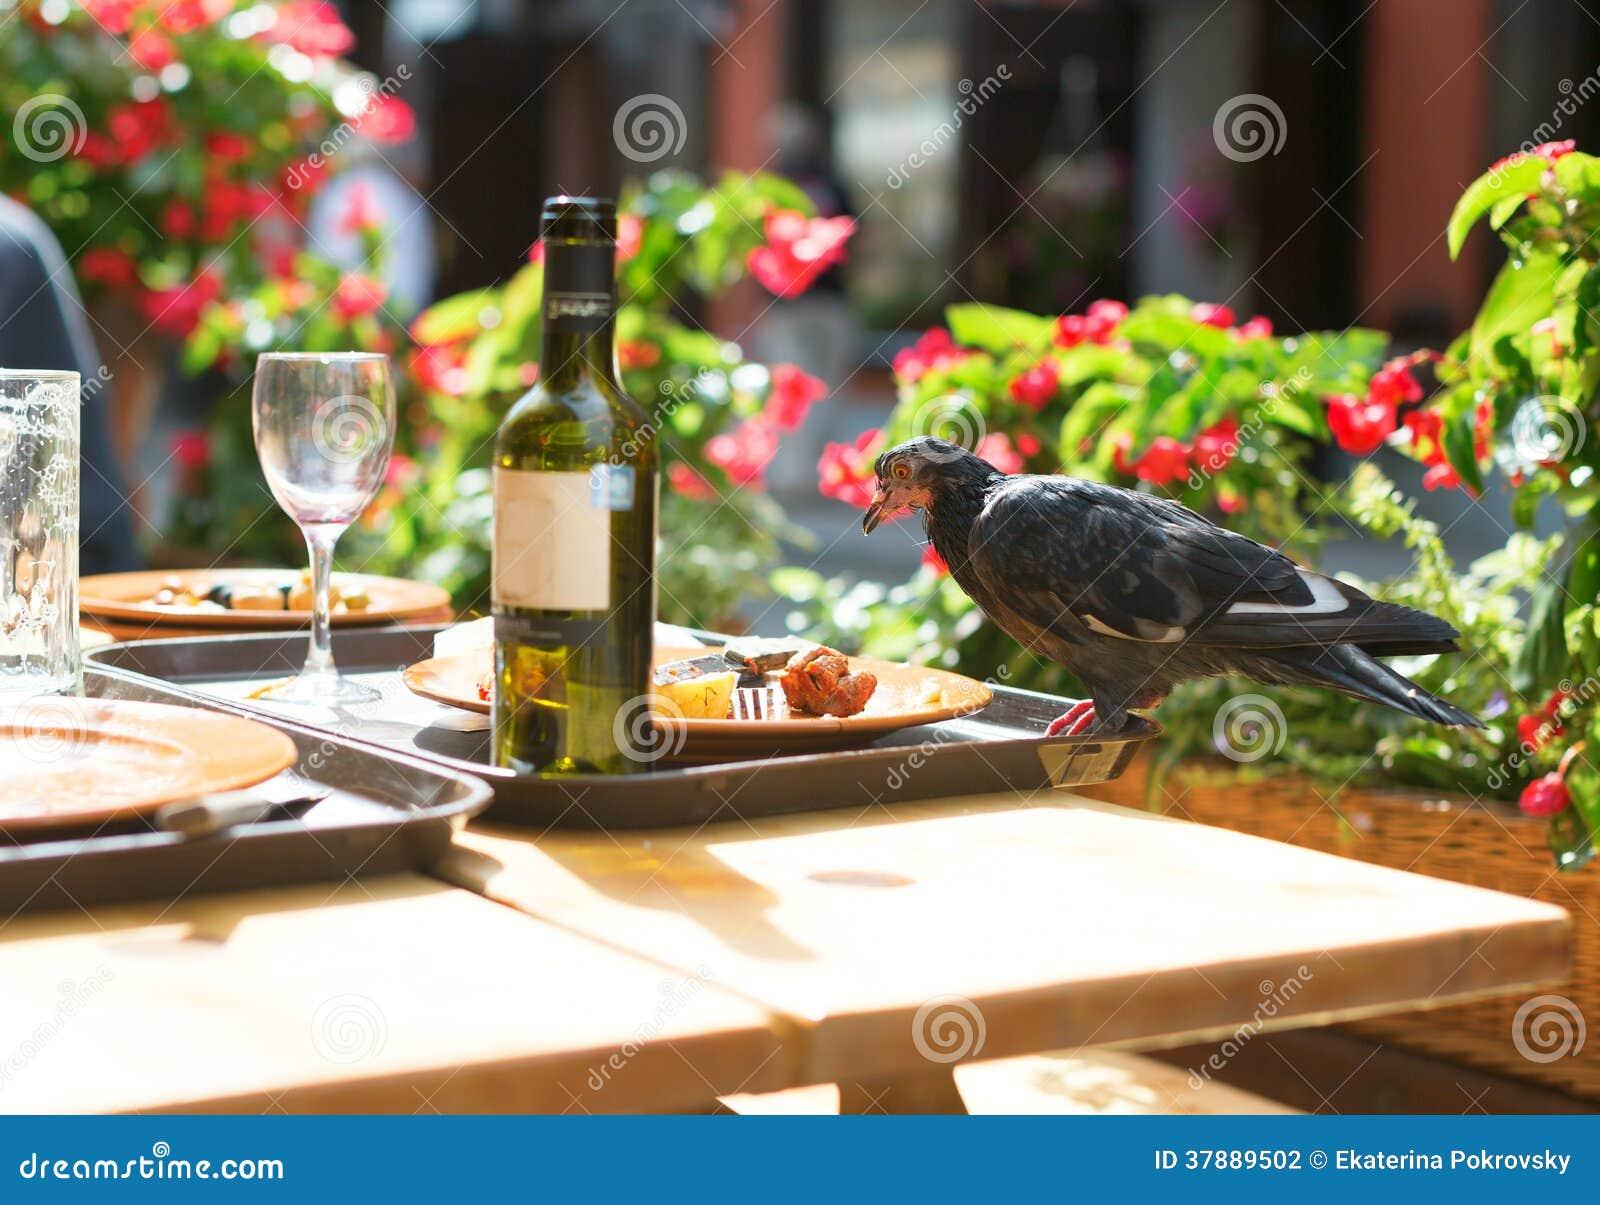 Fågel på en tabell som äter rester från plattor